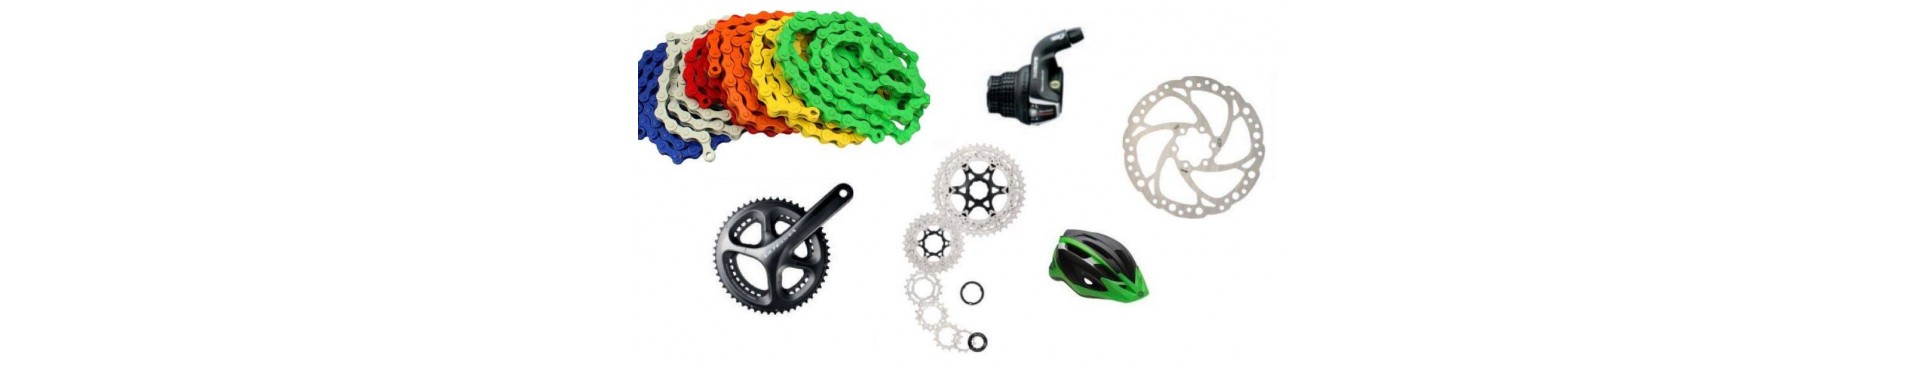 Ricambi e accessori e abbigliamento bici scegli online quello per te